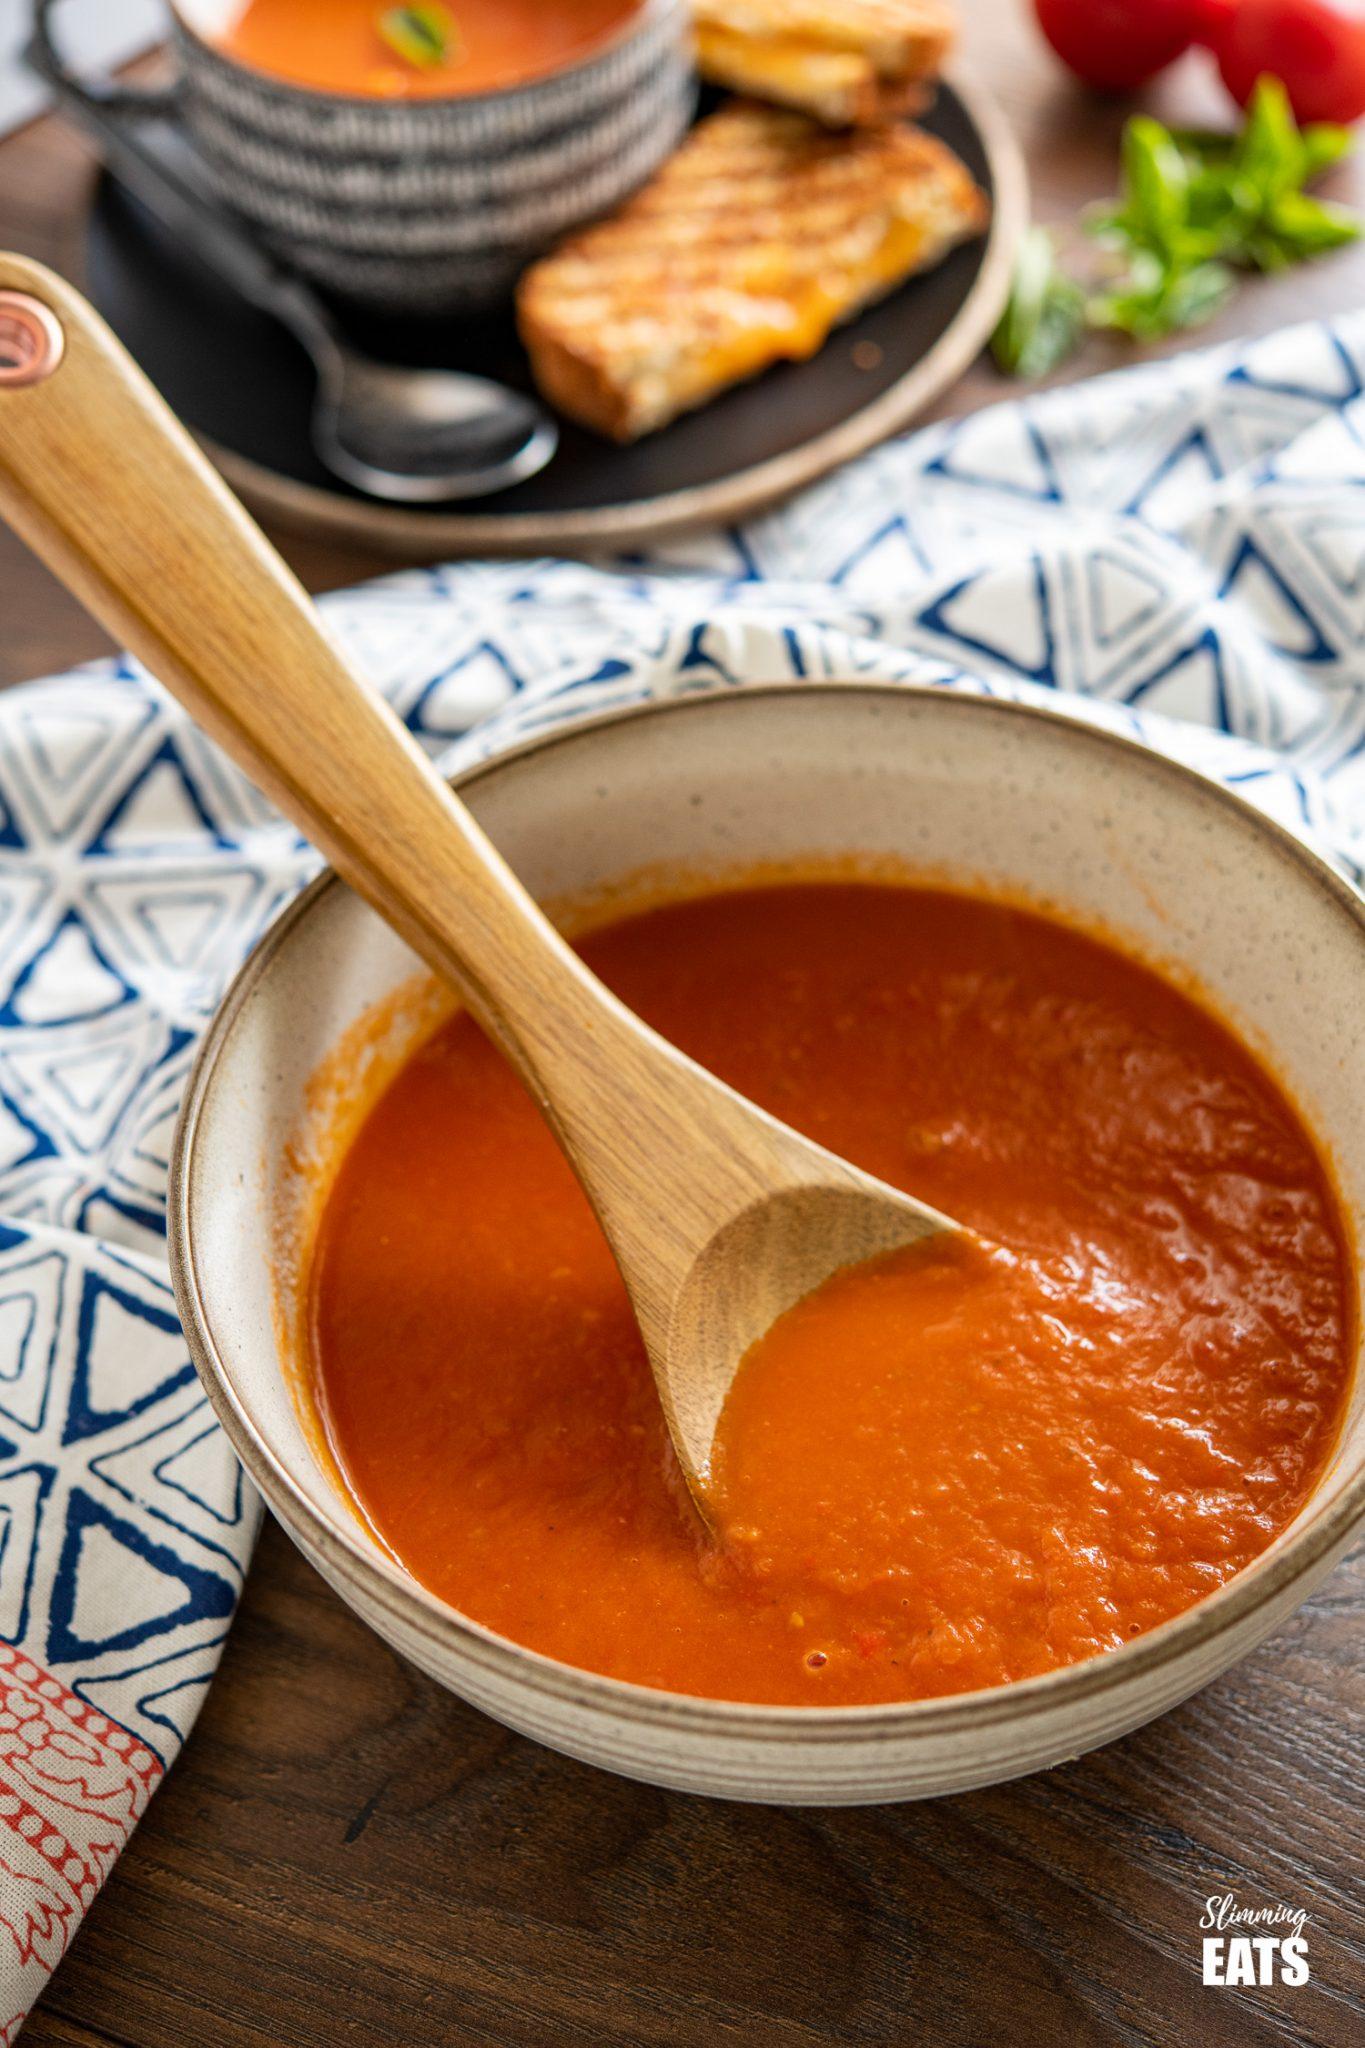 Grand bol brun moucheté de soupe aux tomates et poivrons rôtis avec cuillère en bois